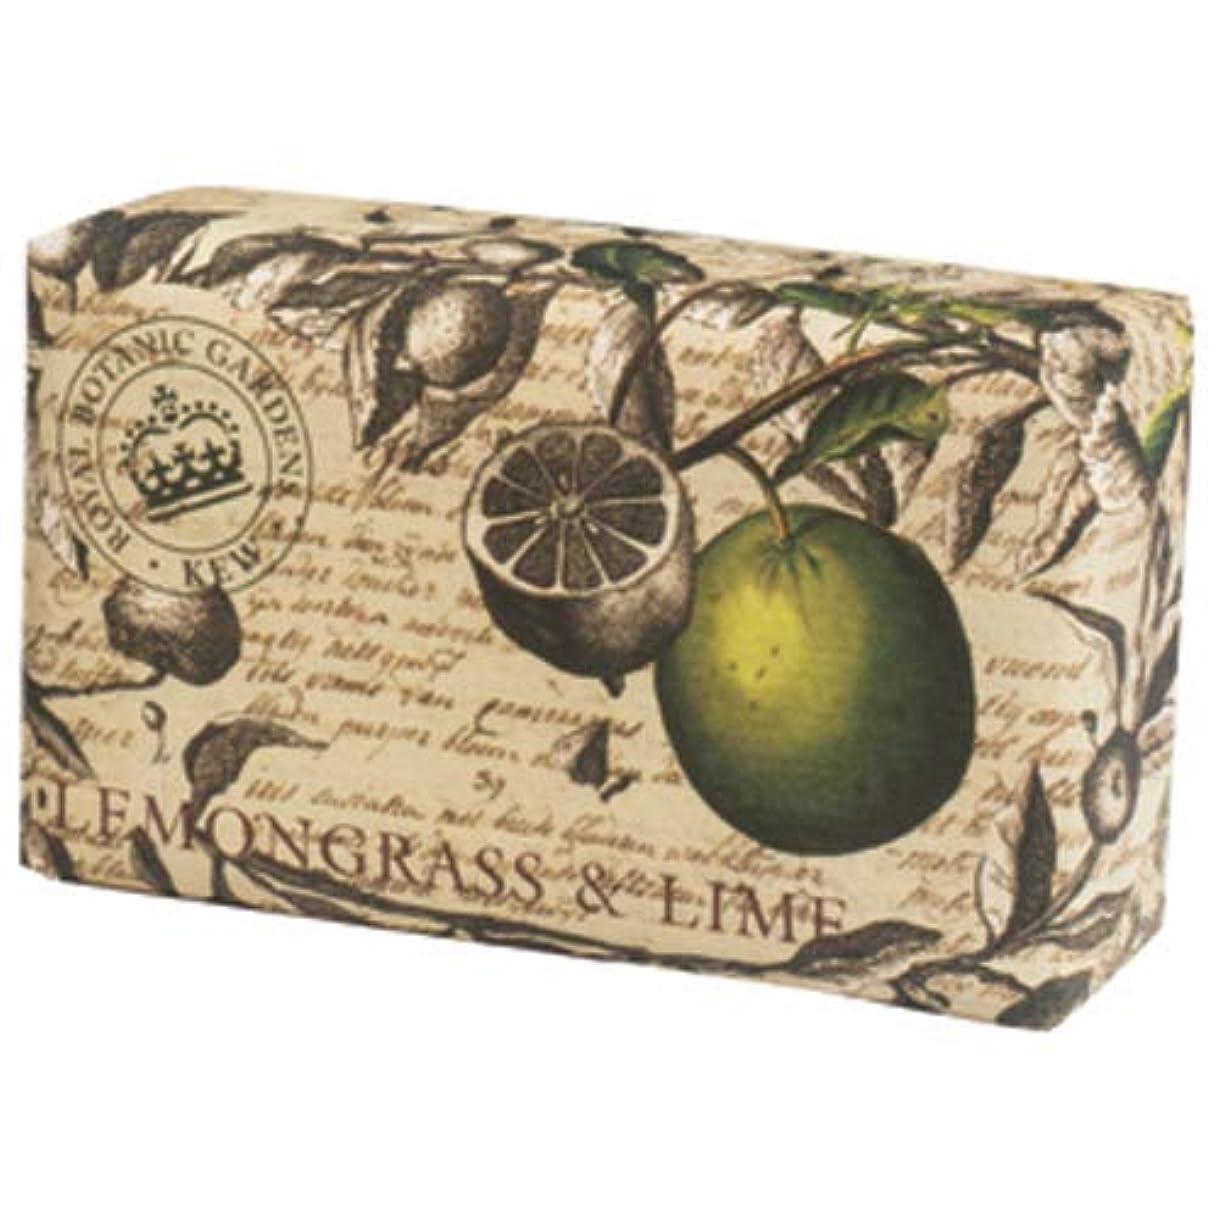 昇る隙間ゲインセイEnglish Soap Company イングリッシュソープカンパニー KEW GARDEN キュー?ガーデン Luxury Scrub Soaps スクラブソープ Lemongrass & Lime レモングラス&ライム